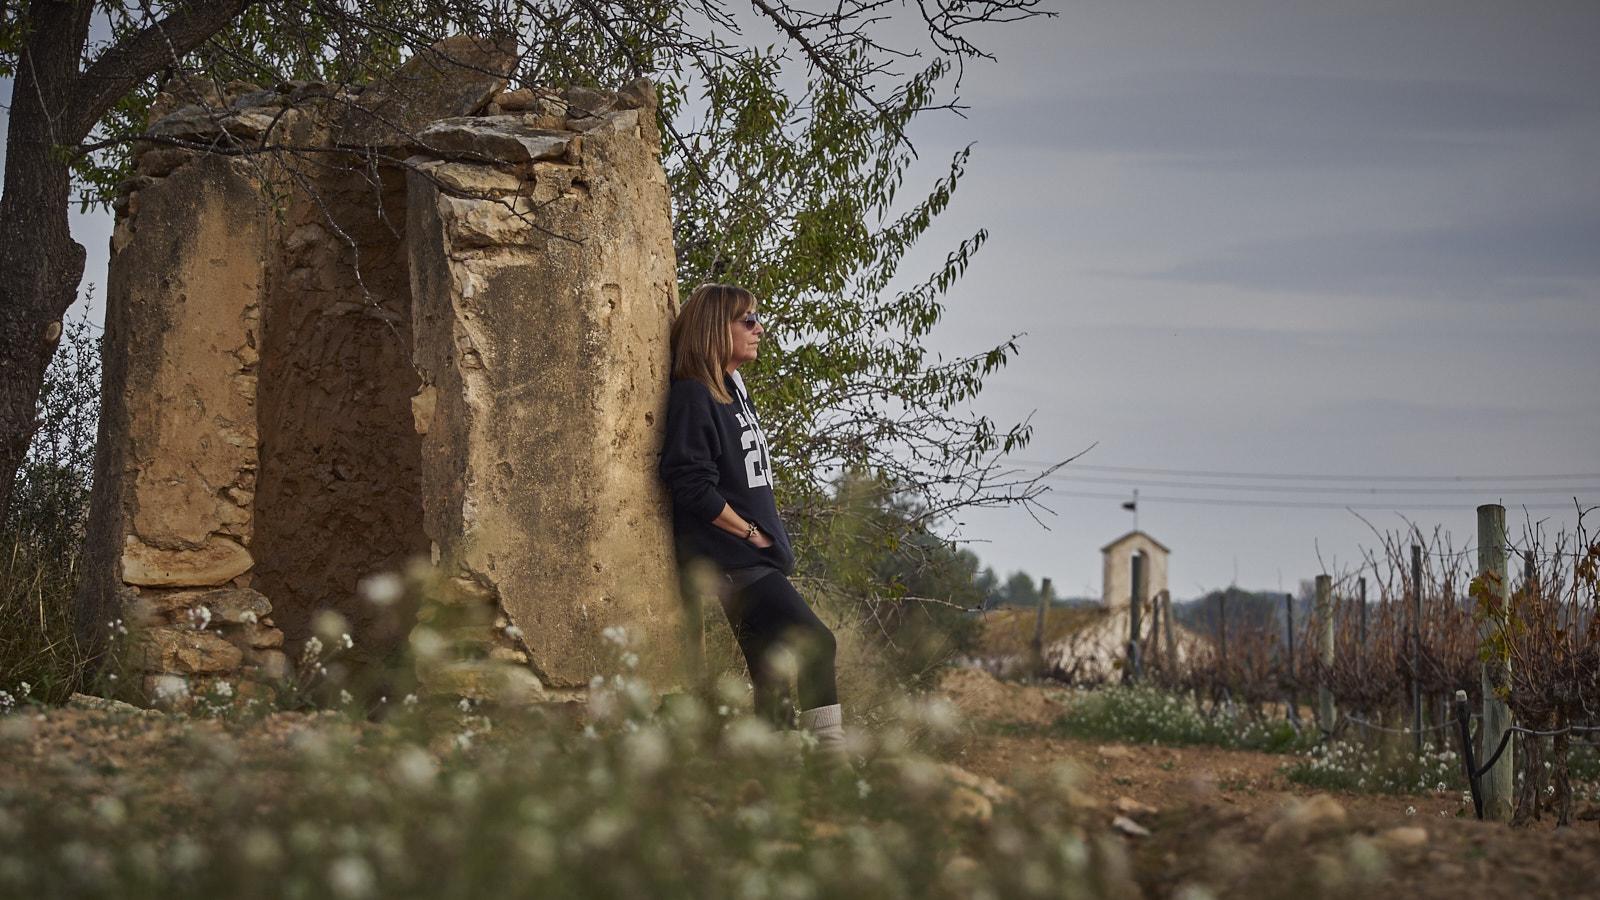 Model entre vinyes amb fons d'una ermita